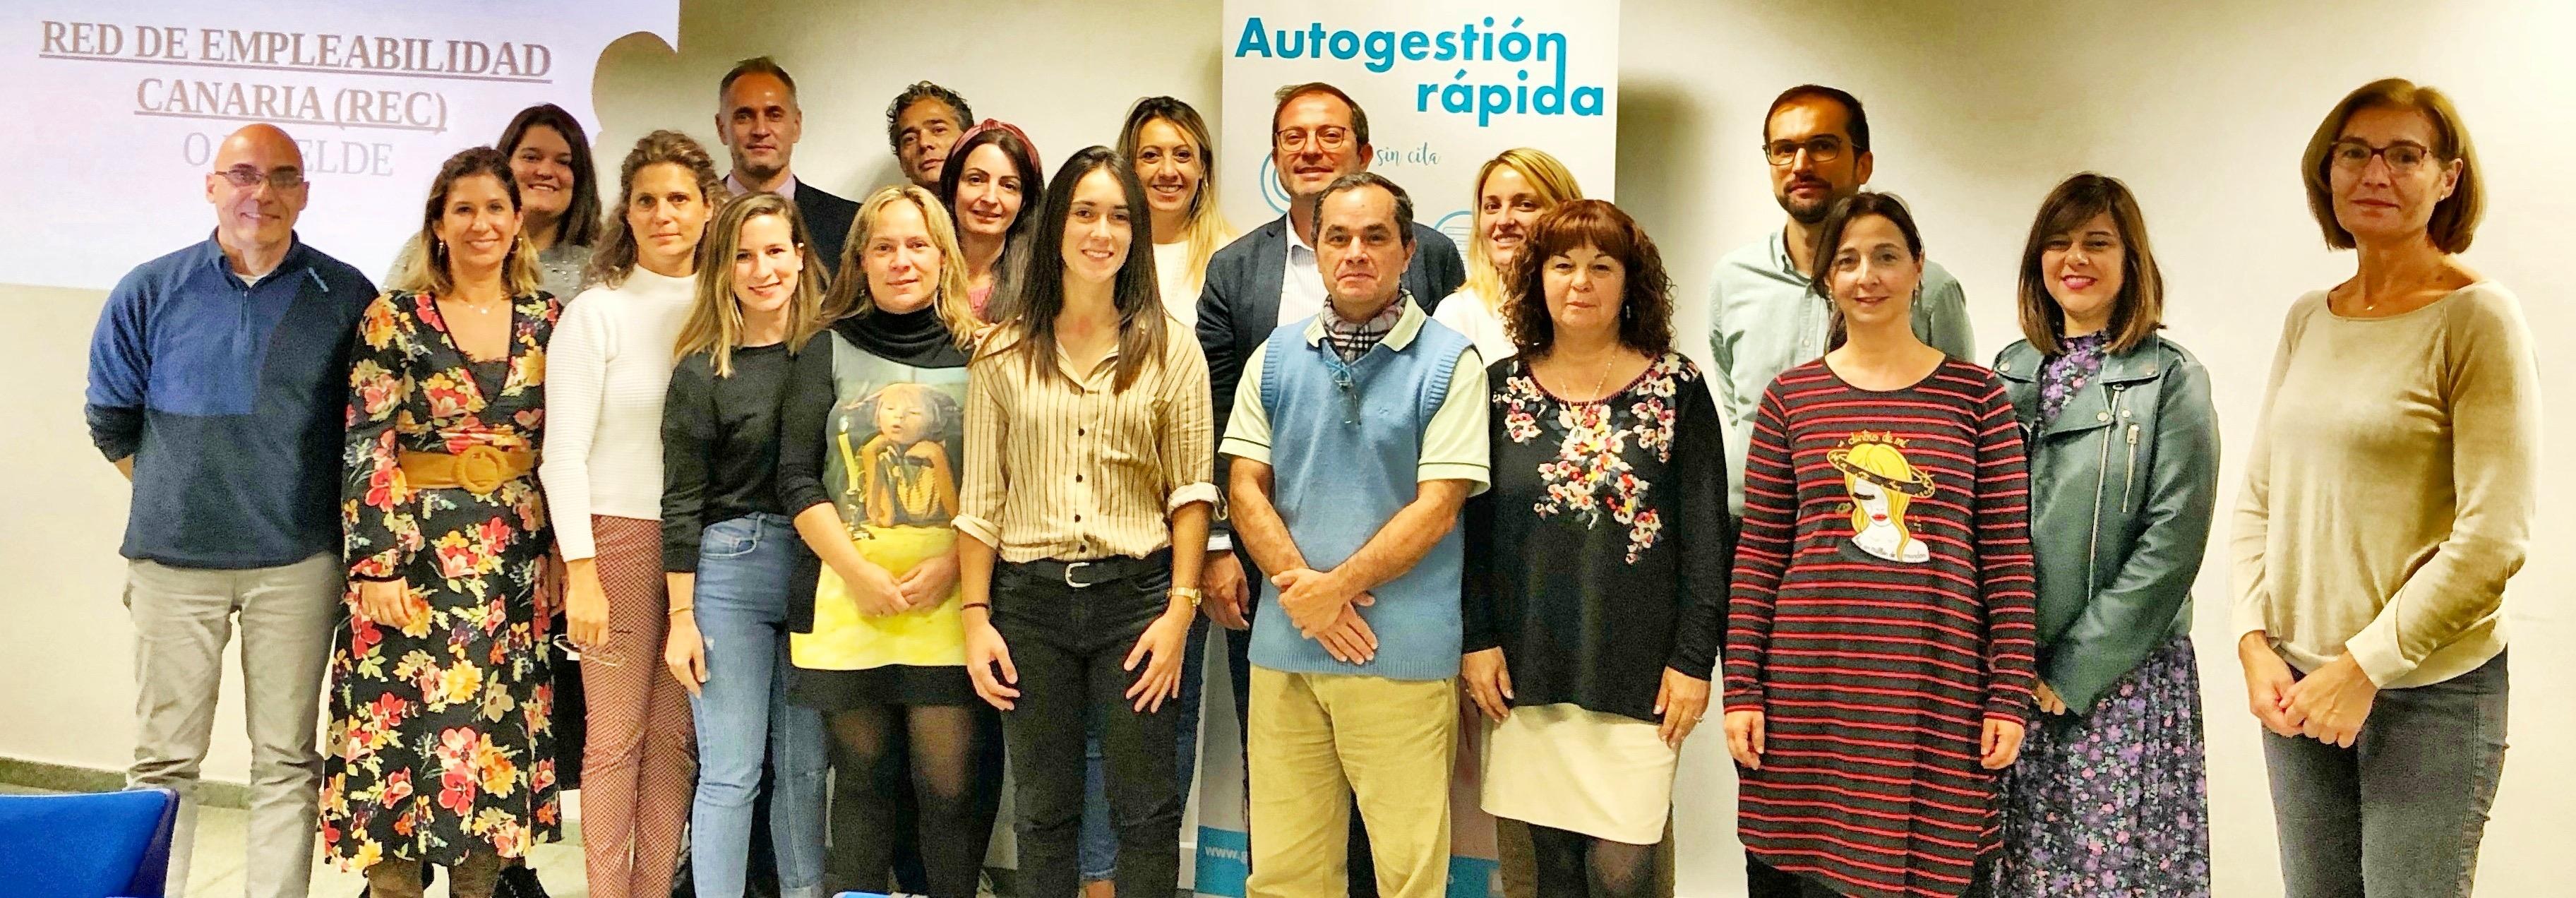 Femepa participa en la Red de Empleabilidad de Canarias de Telde